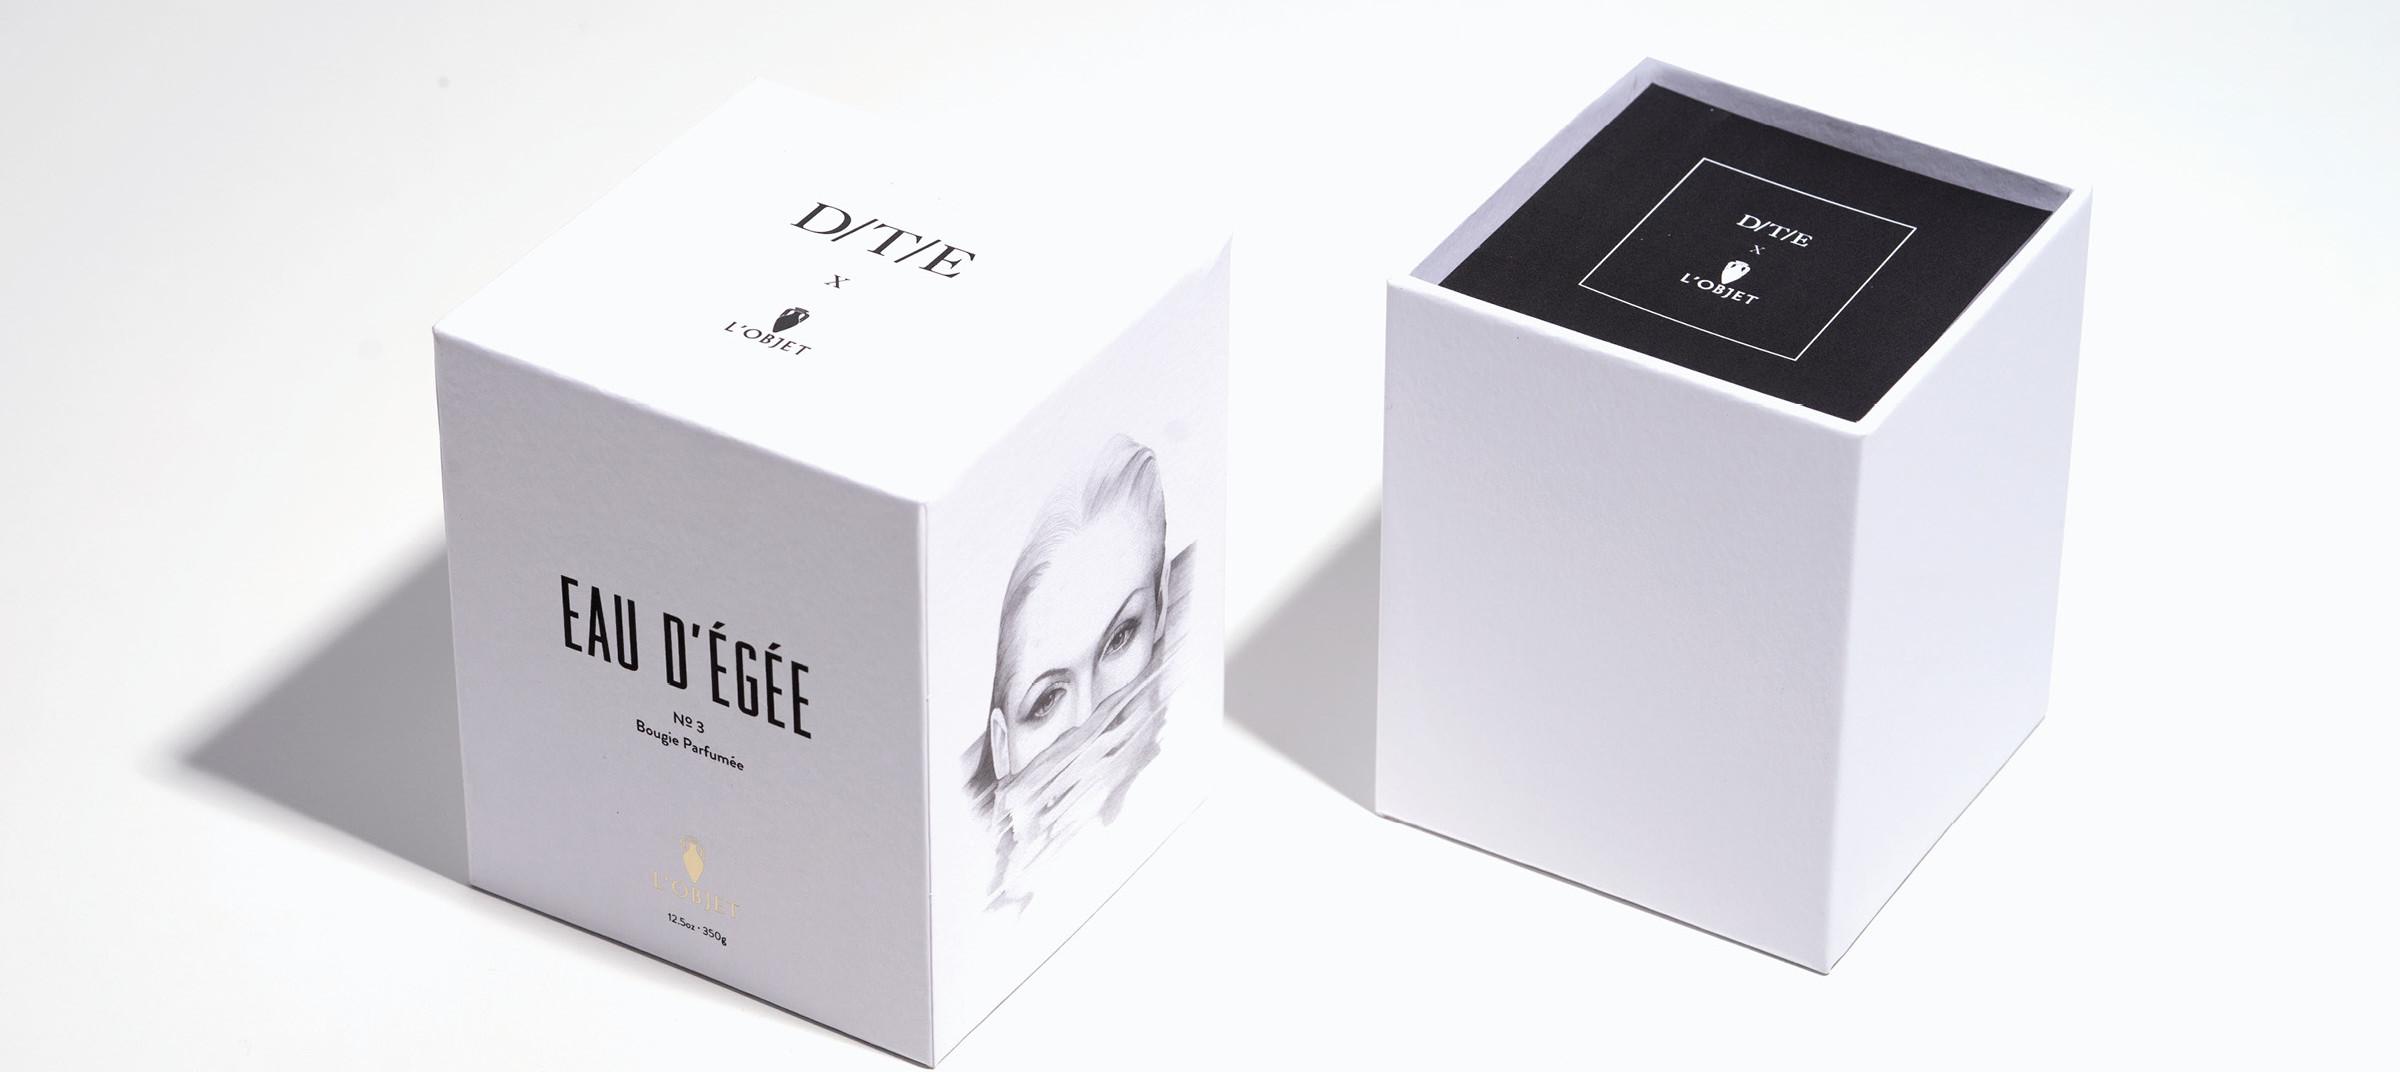 DTE's collaboration with L'Objet for perfume Eau d'Egée